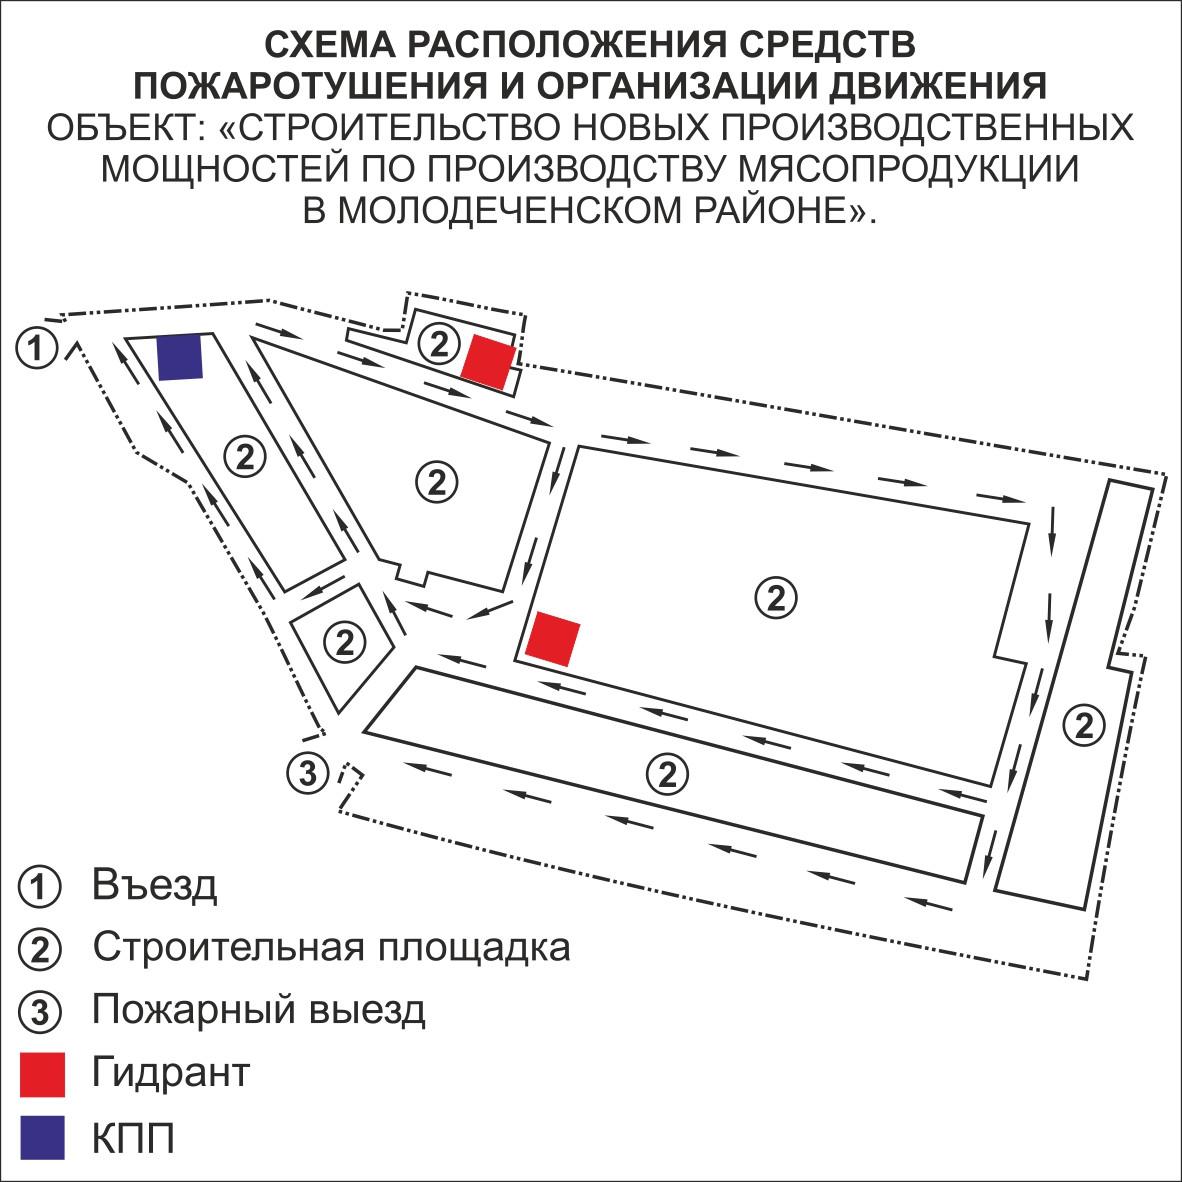 Схема расположения средств пожаротушения